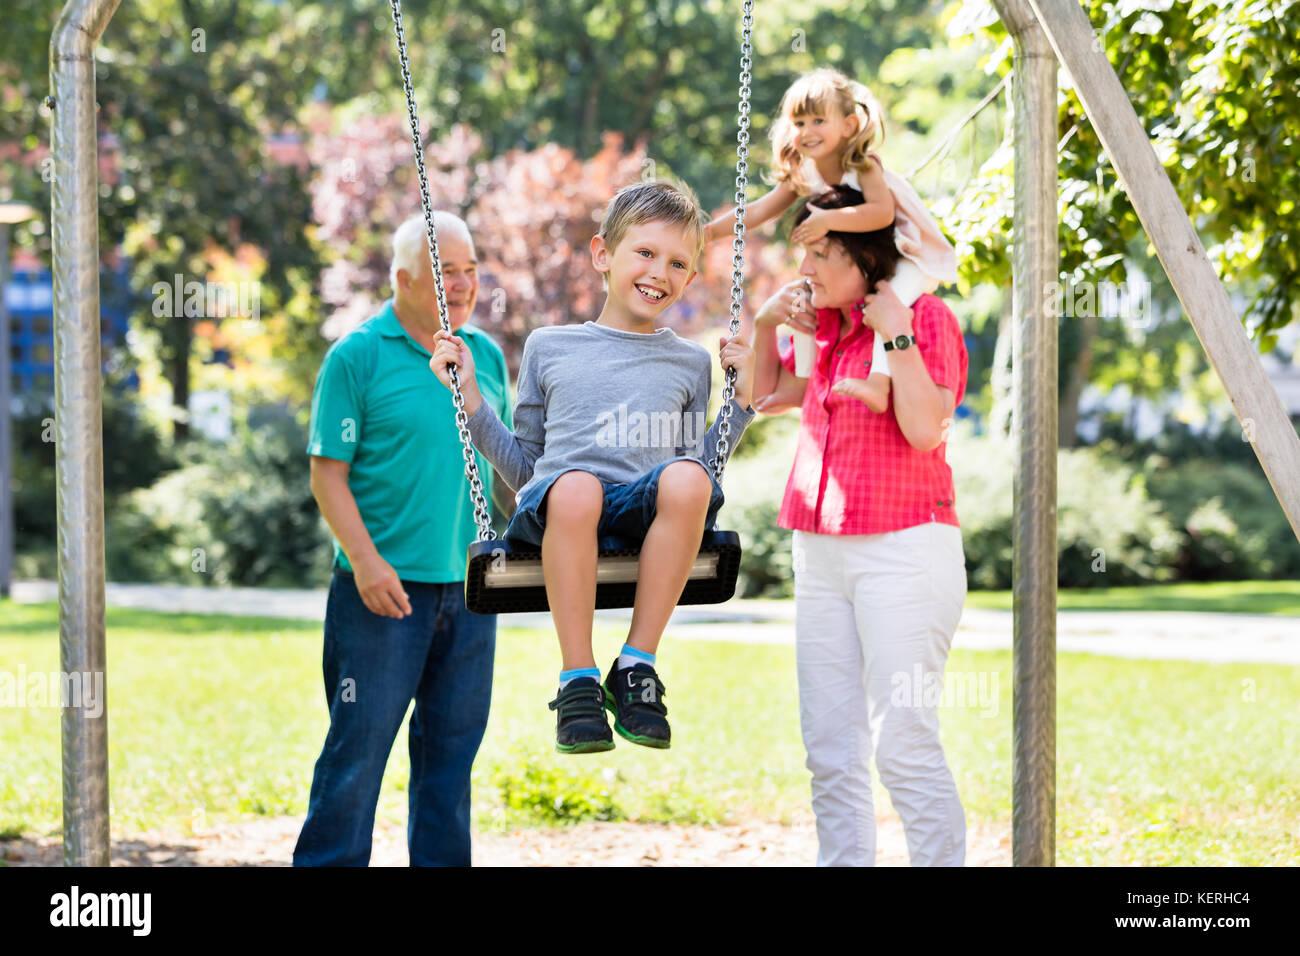 Glückliches Kind Spaß auf Swing mit Großeltern hinter im Park Stockfoto